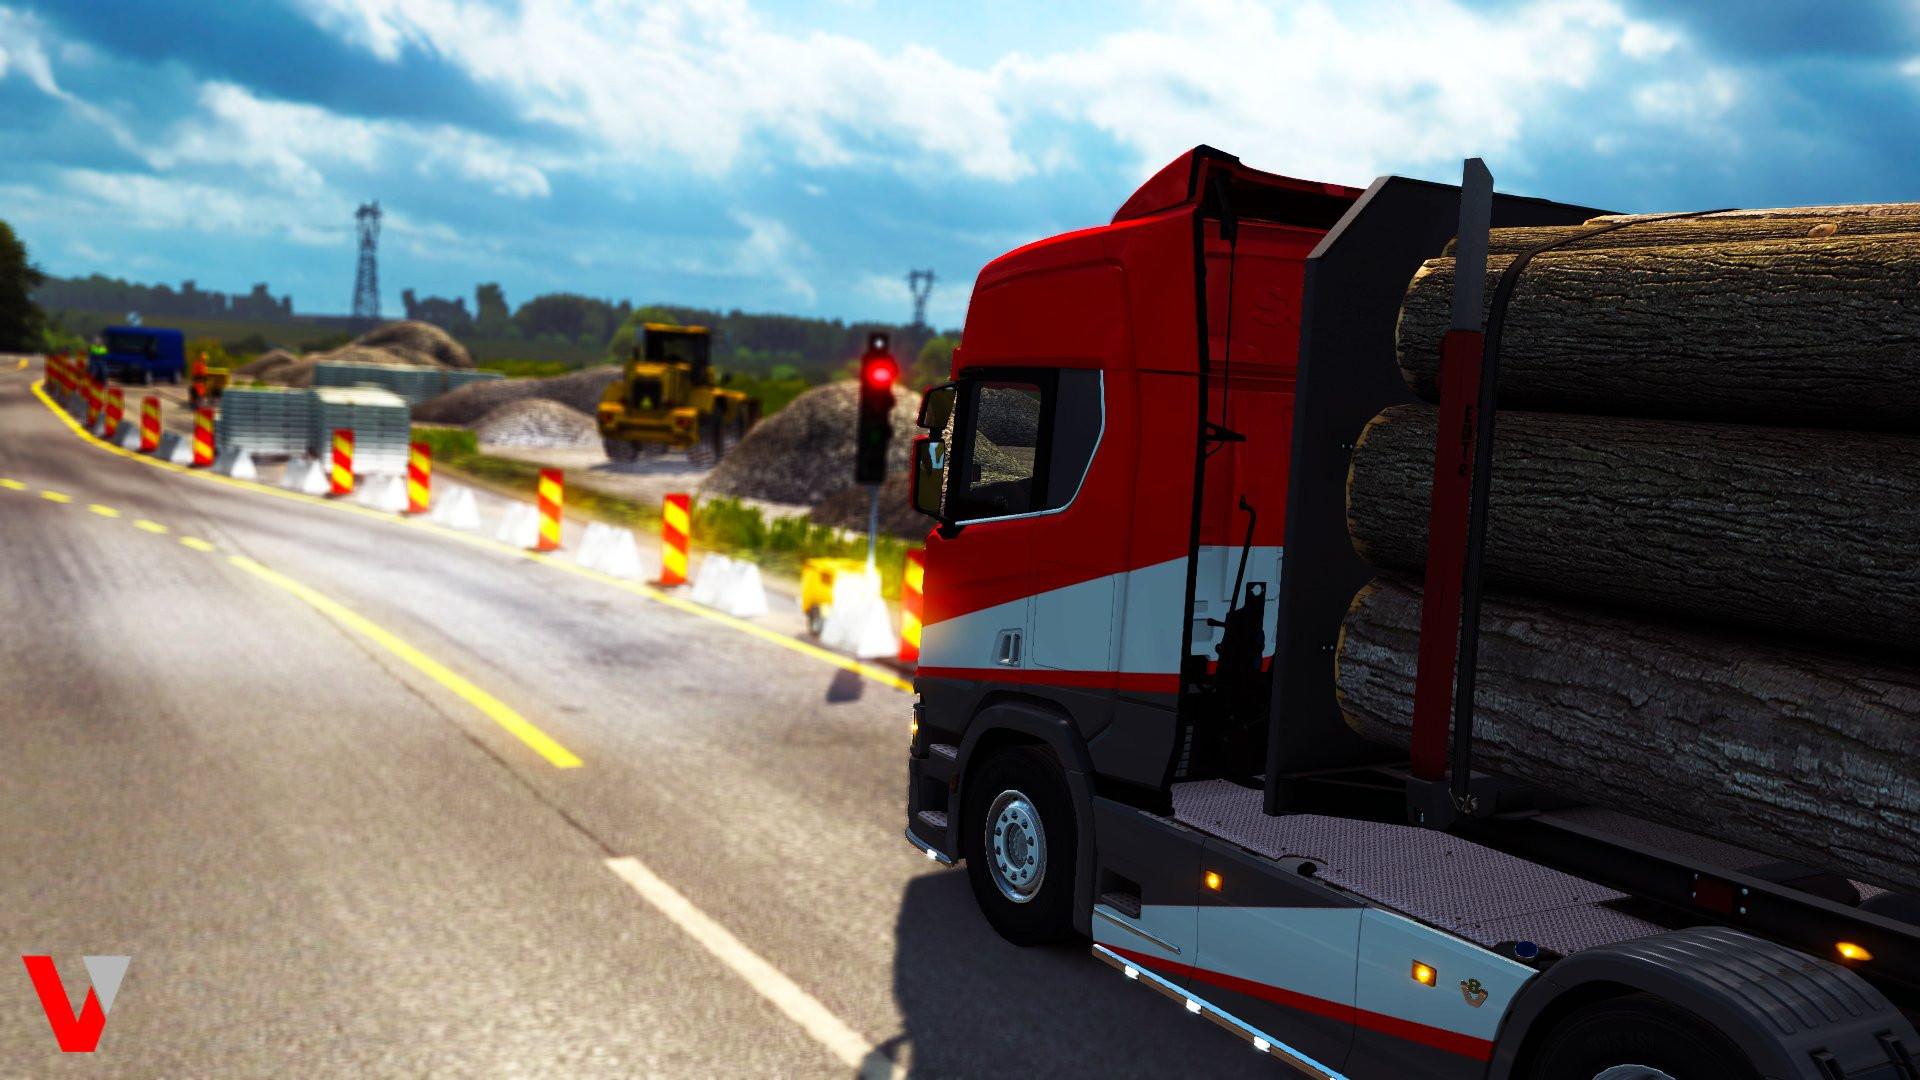 Valtox Weekly Convoy